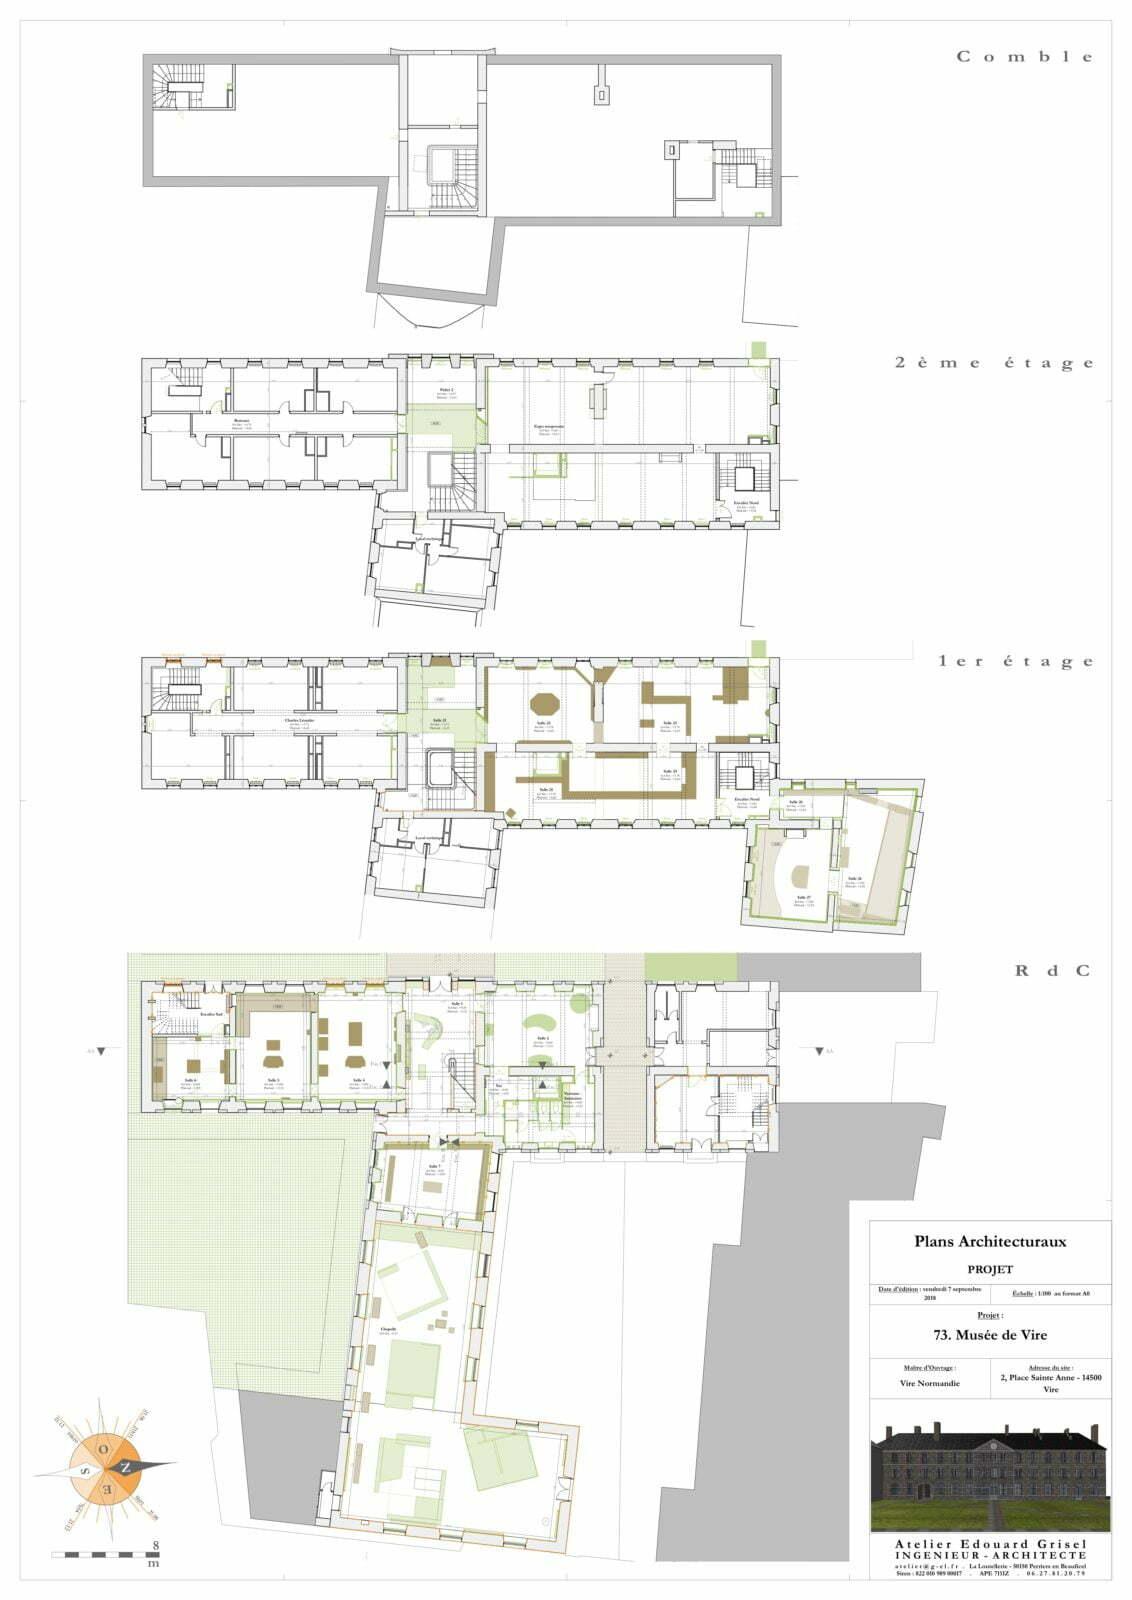 3. Plans Architecturaux